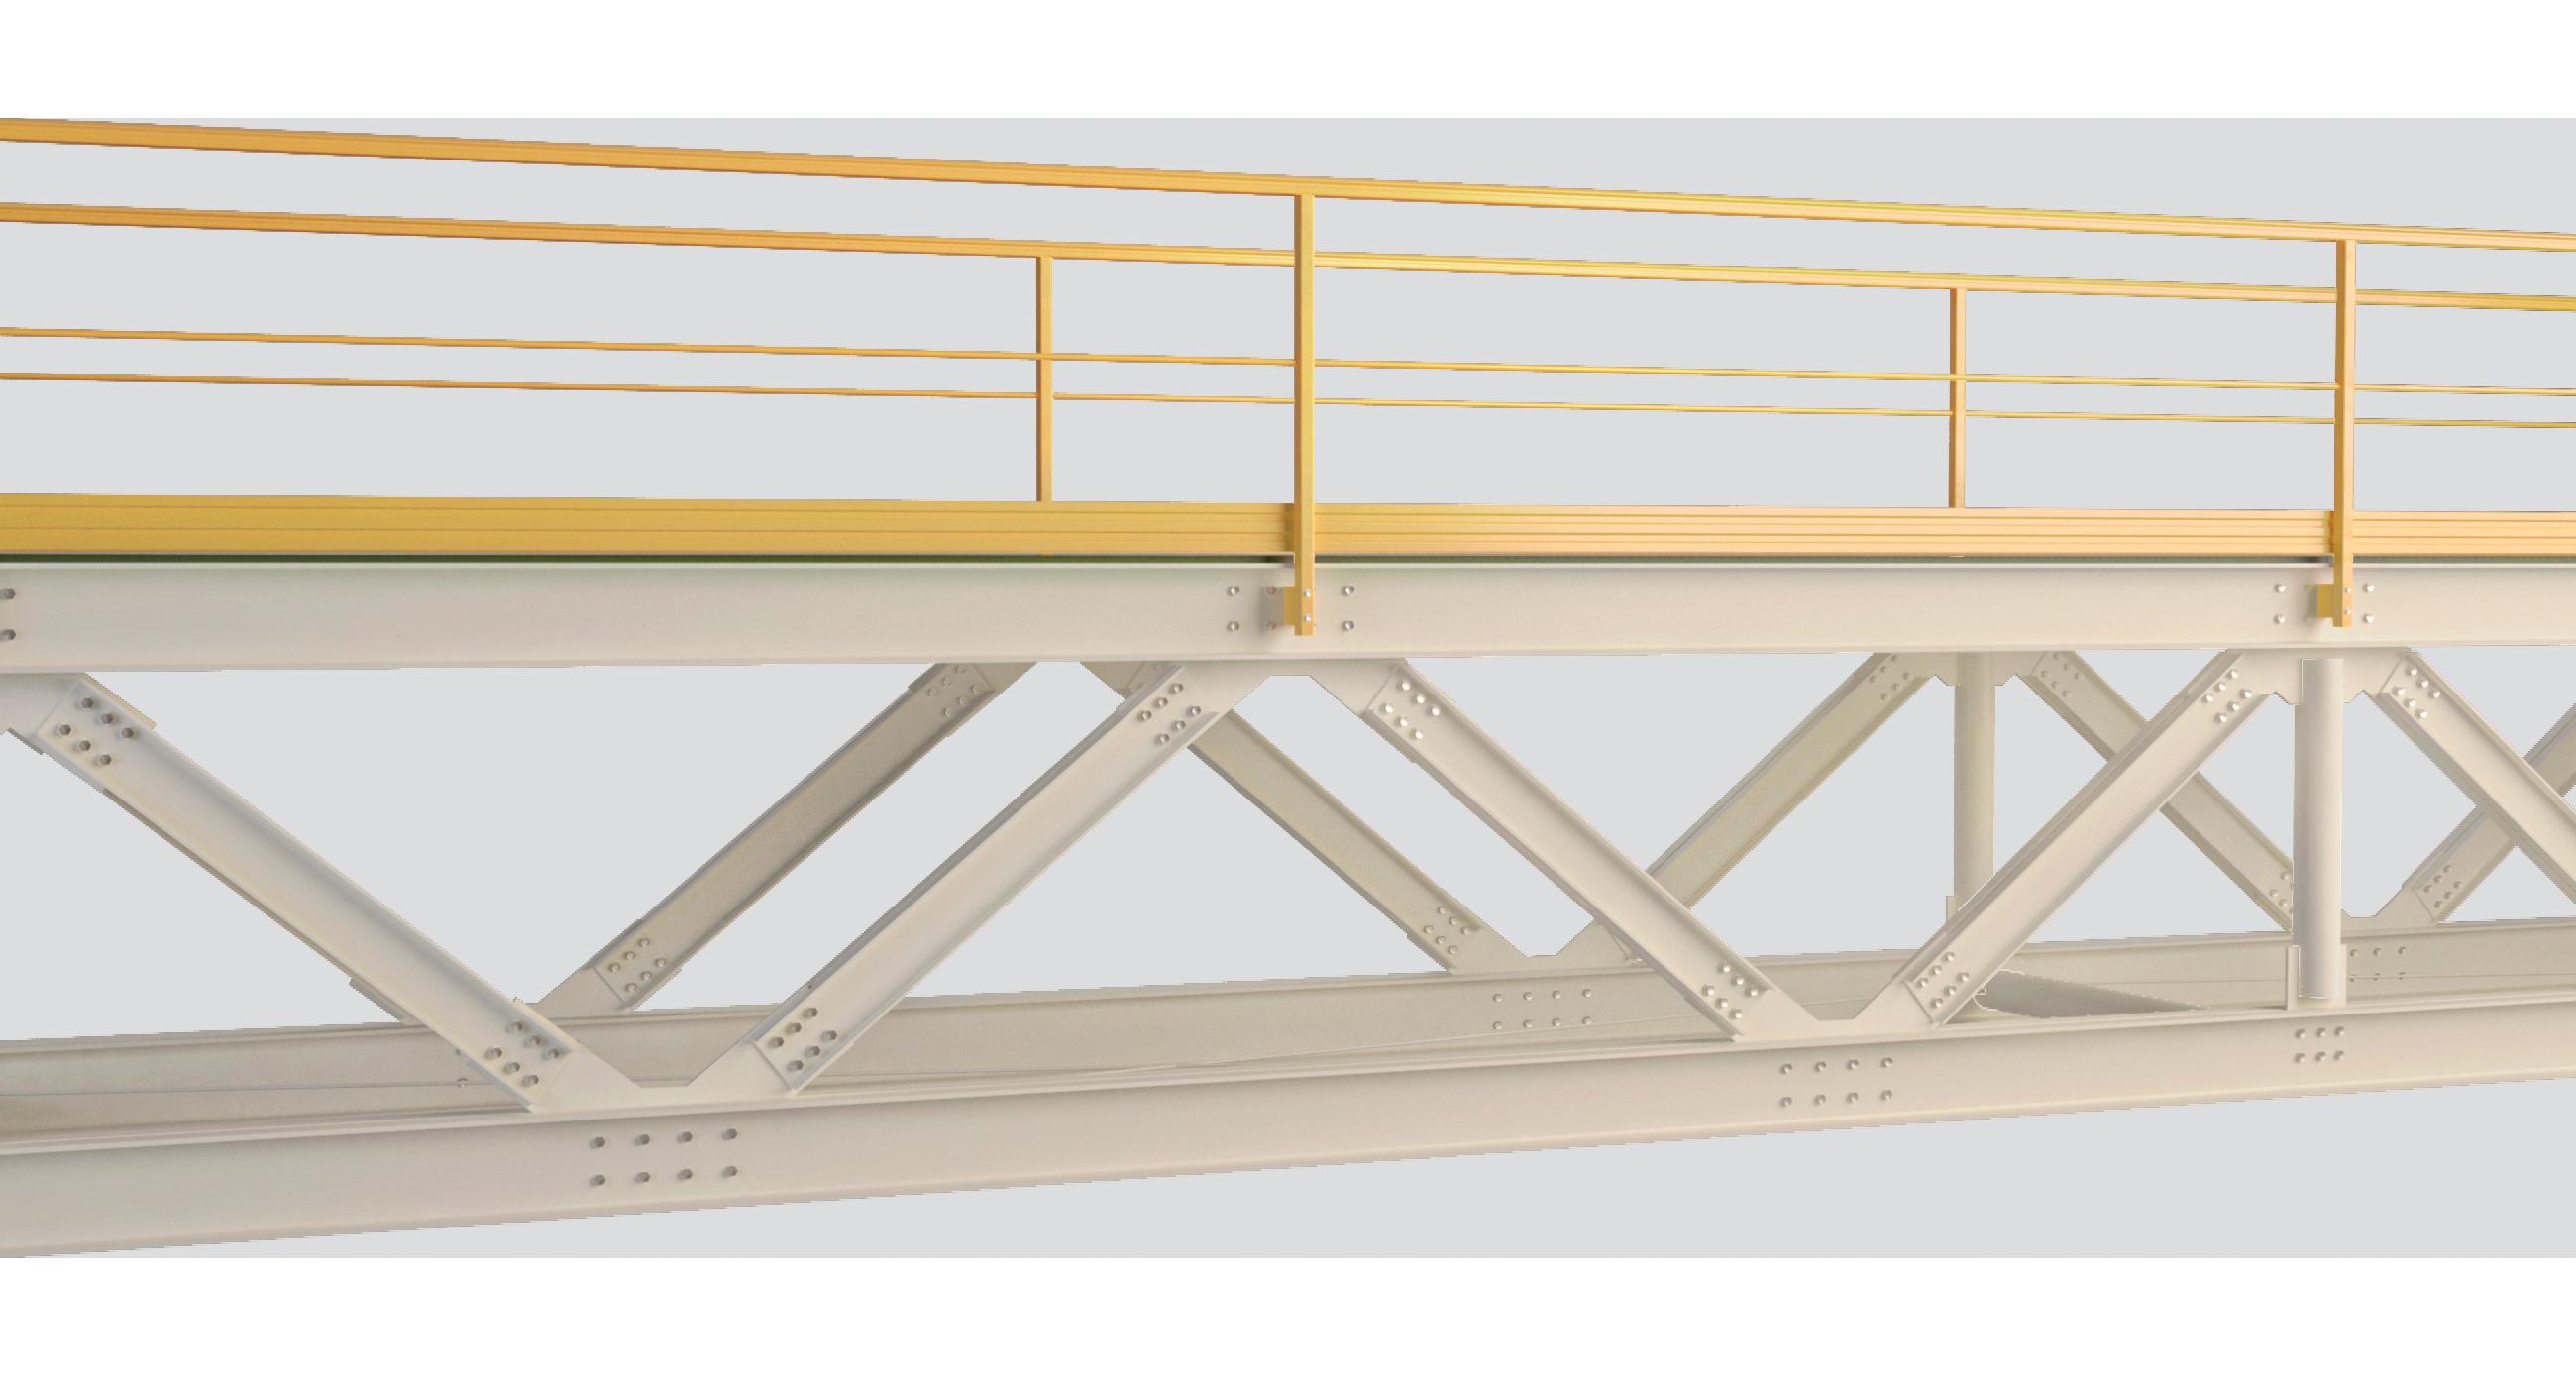 Immagine BRIDGES